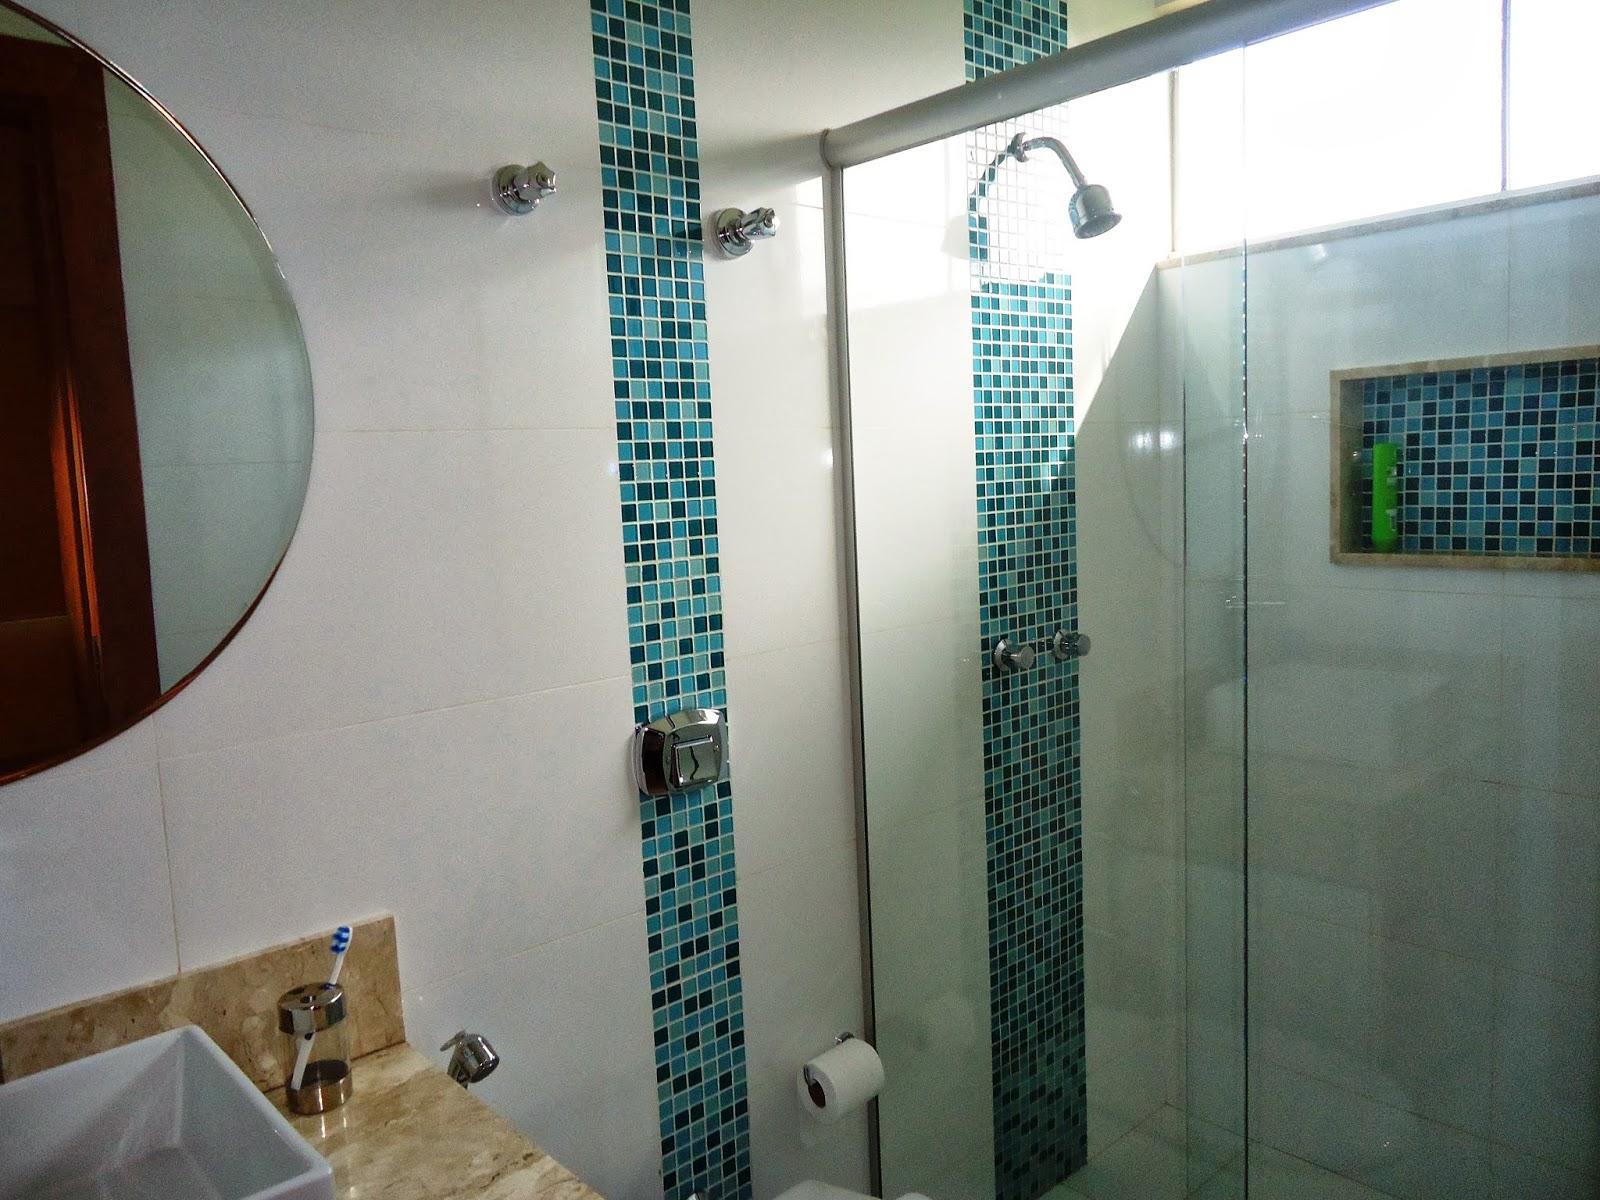 Detalhes dos revestimentos em pastilha: Banheiro Suíte 3 #64432B 1600x1200 Banheiro Com Detalhes Em Pastilhas